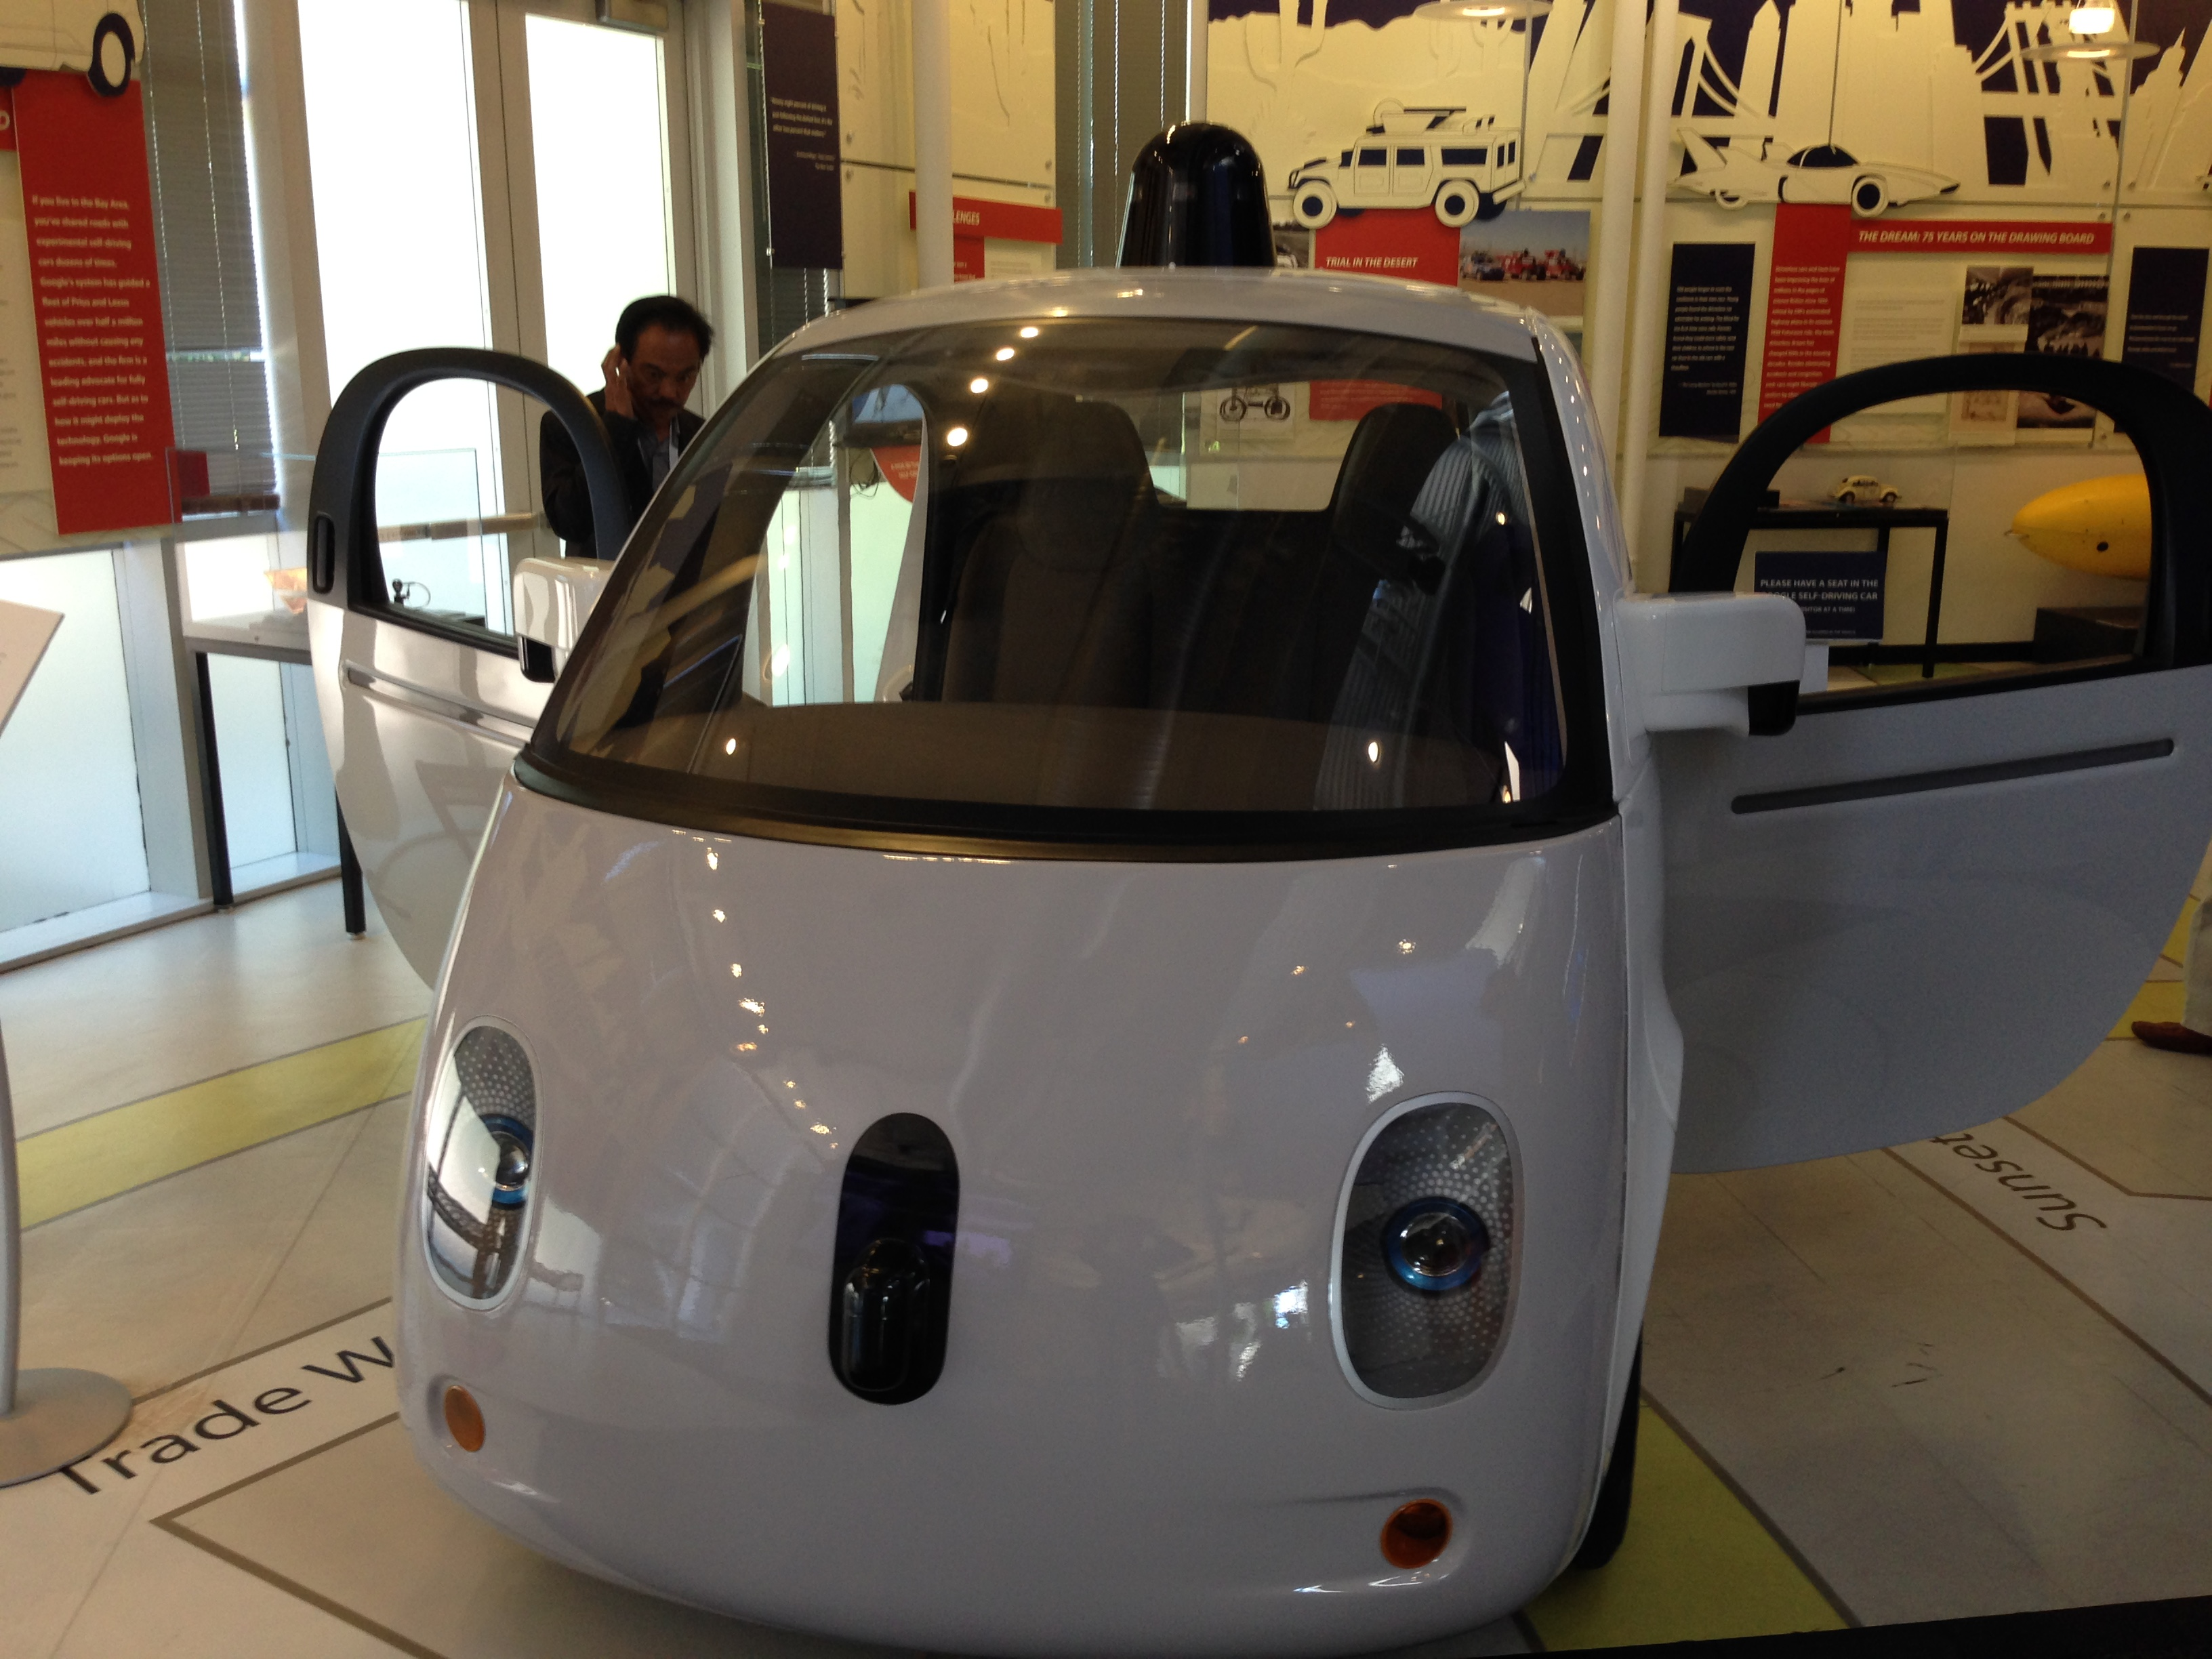 К 2035 году в мире будет продаваться около 12 млн полностью автономных транспортных средств в год